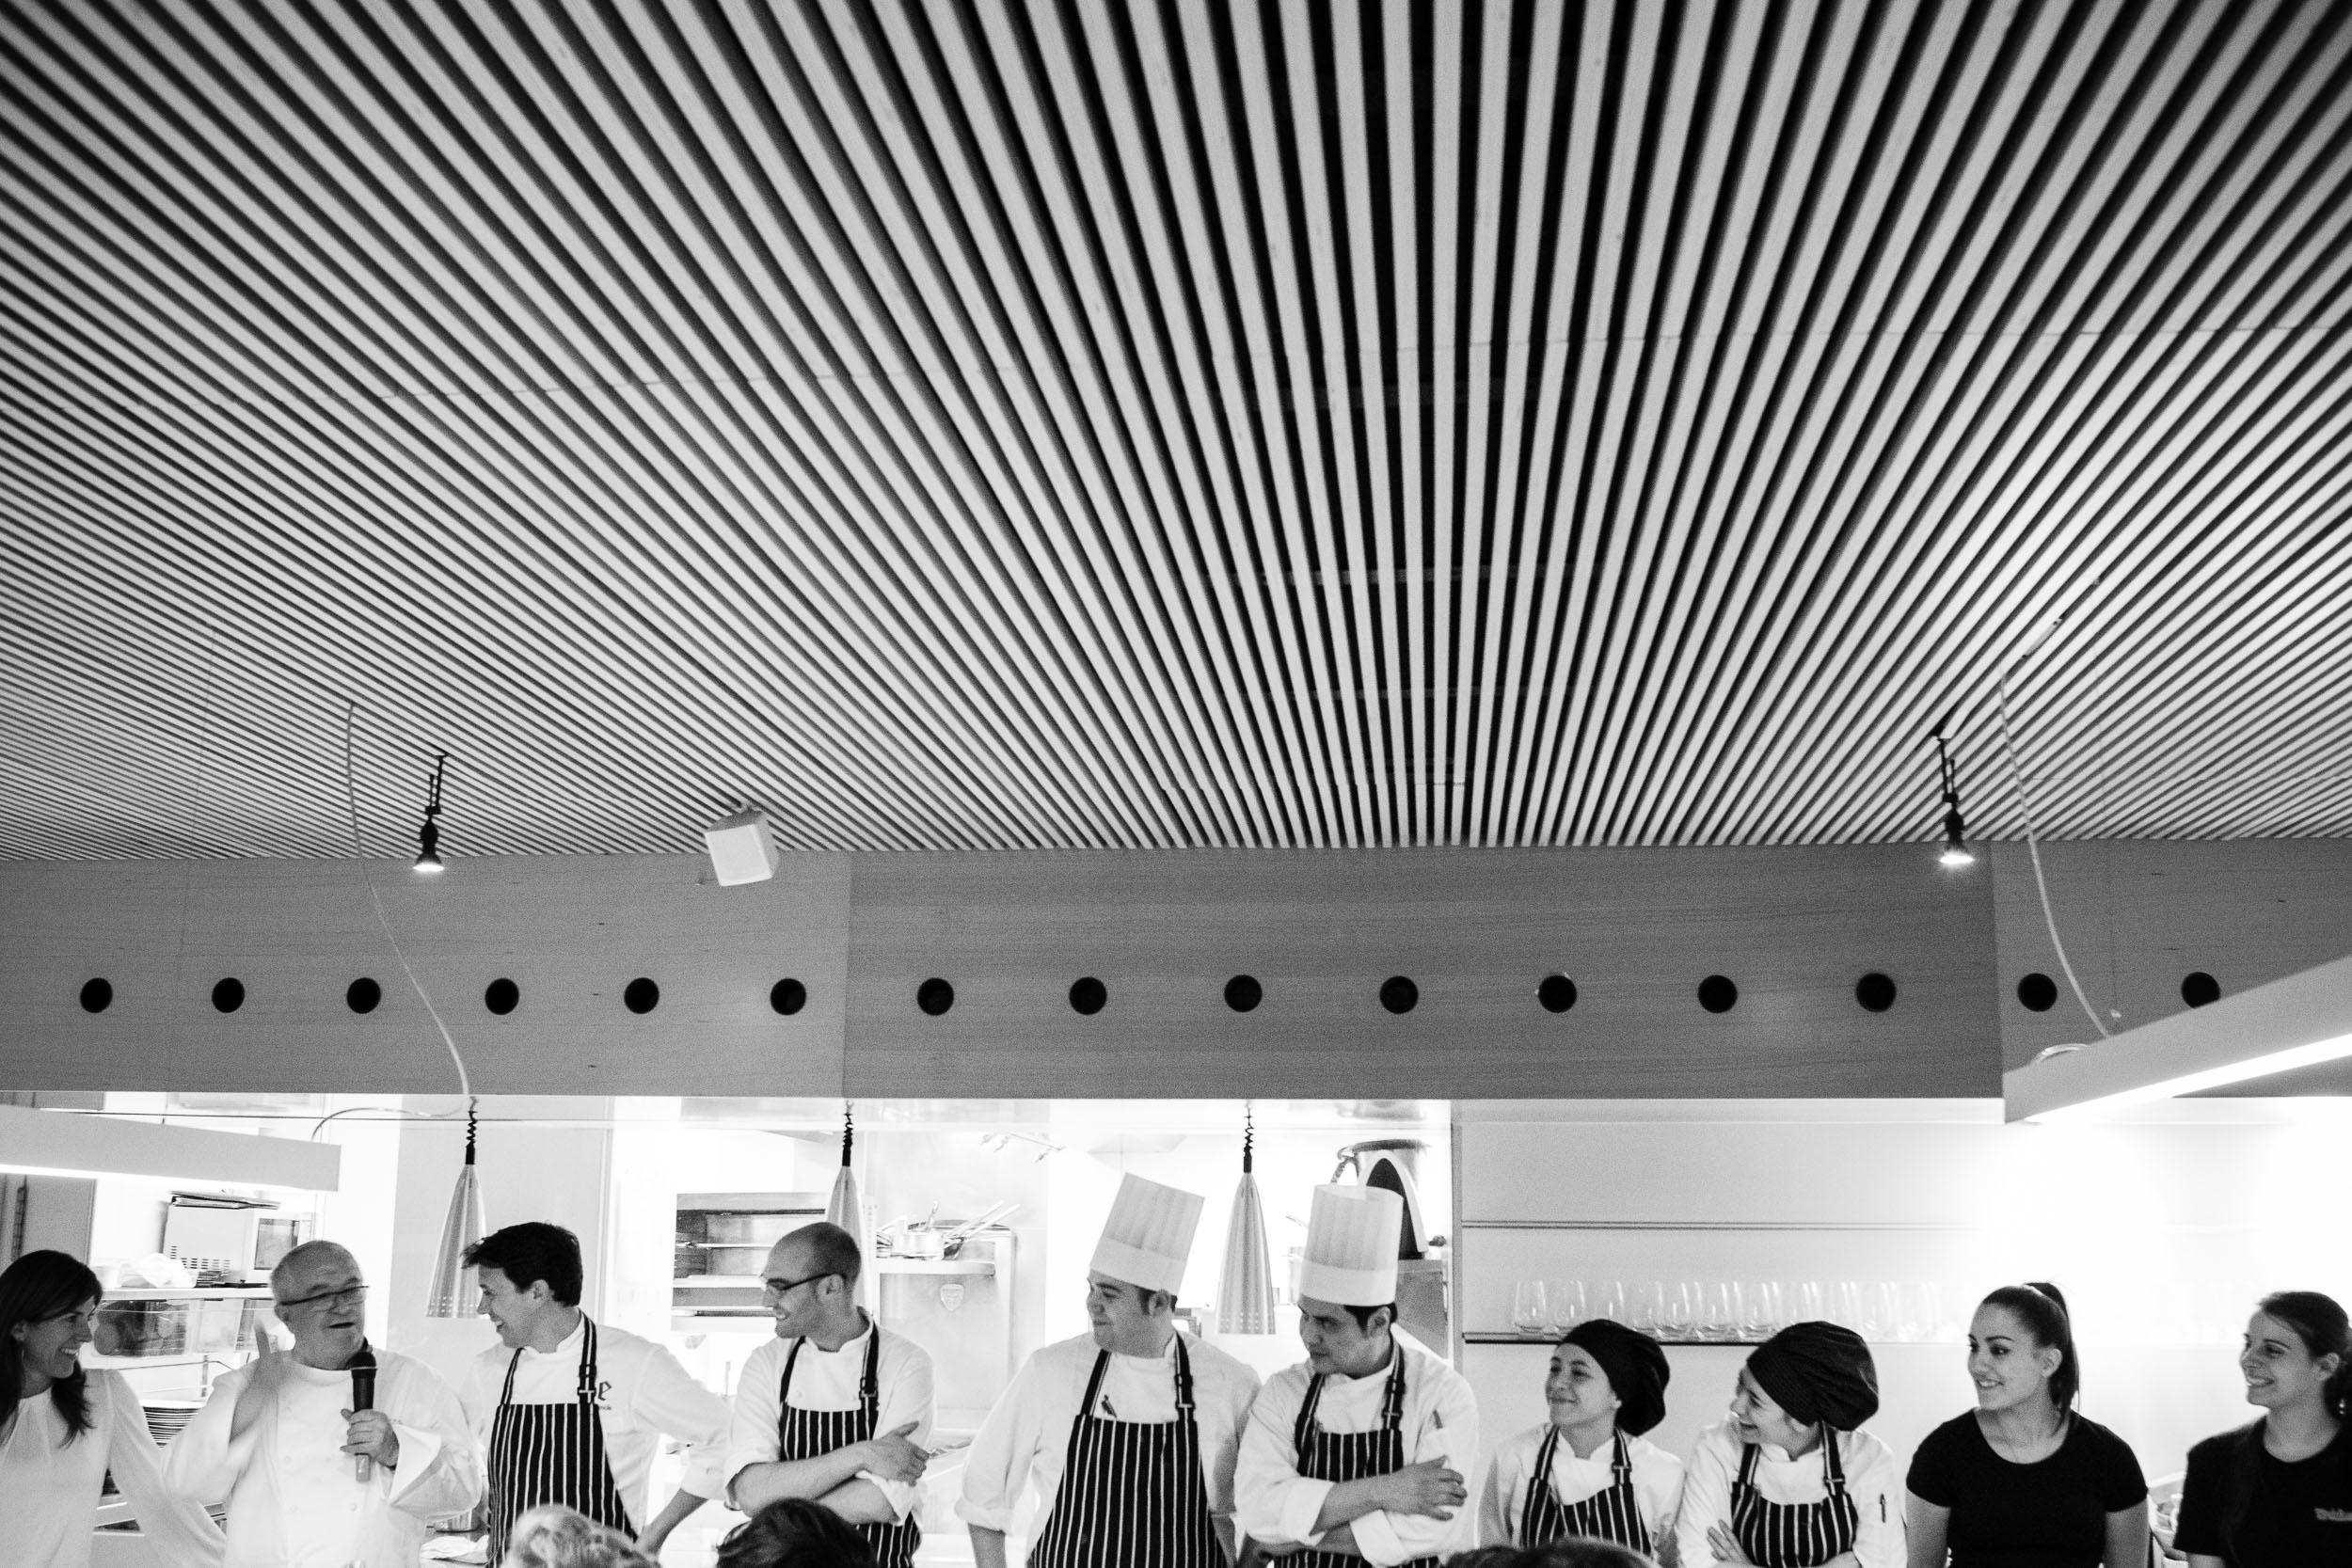 28/3/12 Juan Mari Arzak en Restaurante Tondeluna, Logroño, con cocinero Francis Paniego y Luisa Barrachina. ©James Sturcke Fotografía | www.sturcke.org